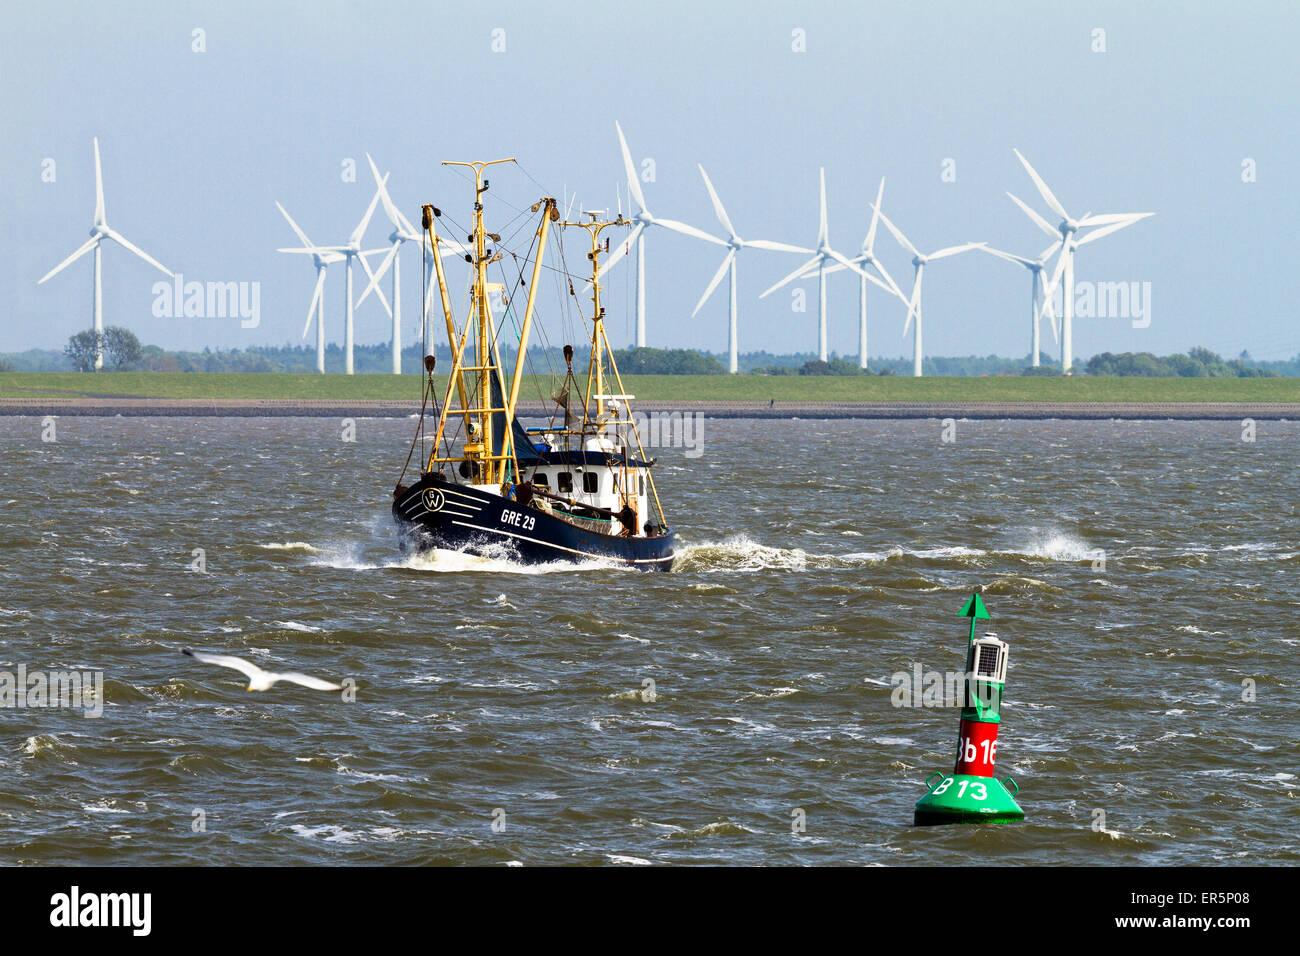 Angeln Boot und Wind Kraftwerk, Nordsee, Ostfriesischen Inseln, Ostfriesland, Niedersachsen, Deutschland, Europa Stockbild